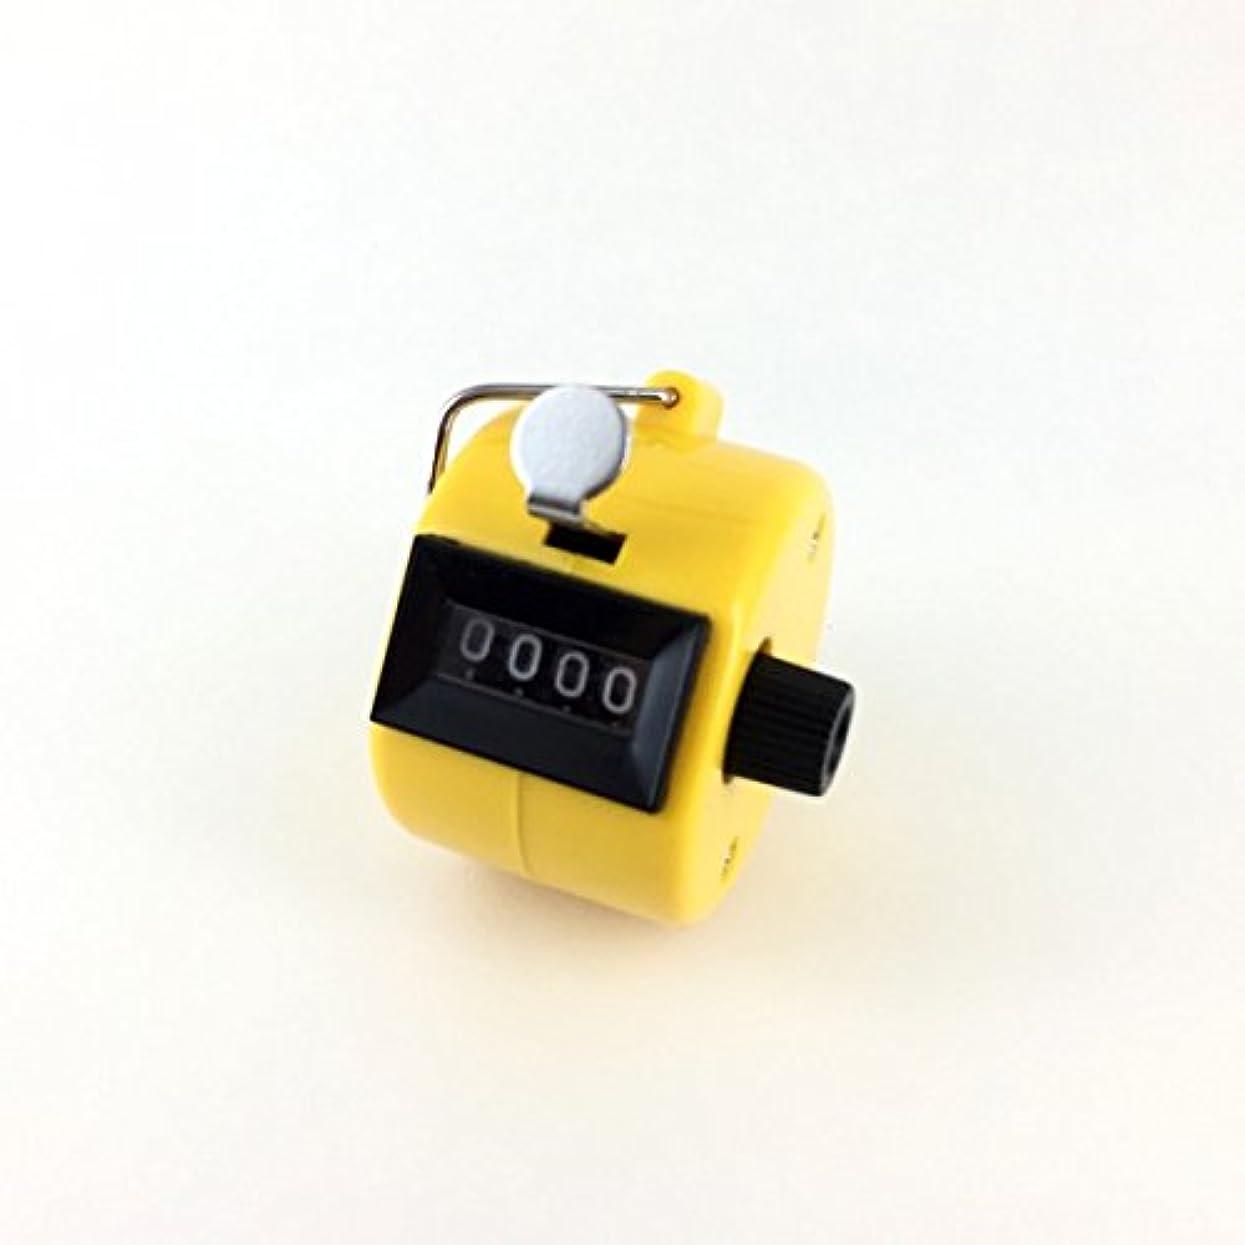 表現悲劇アクロバットエクステカウンター 手持ちホルダー付き 数取器 まつげエクステ用品 カラー4色 (イエロー)